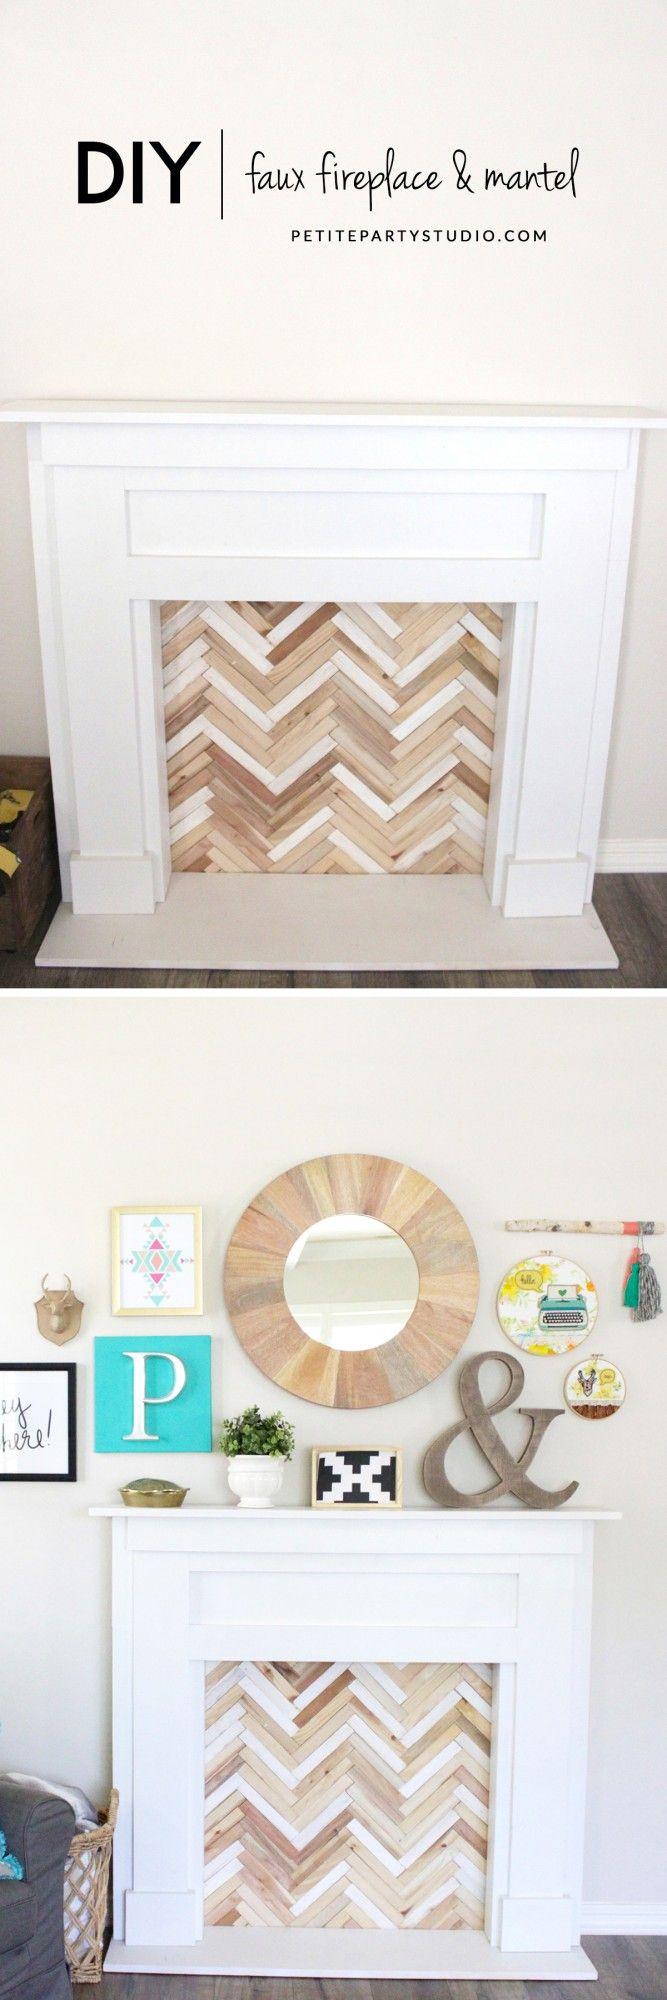 Faux Fireplace & Mantel DIY